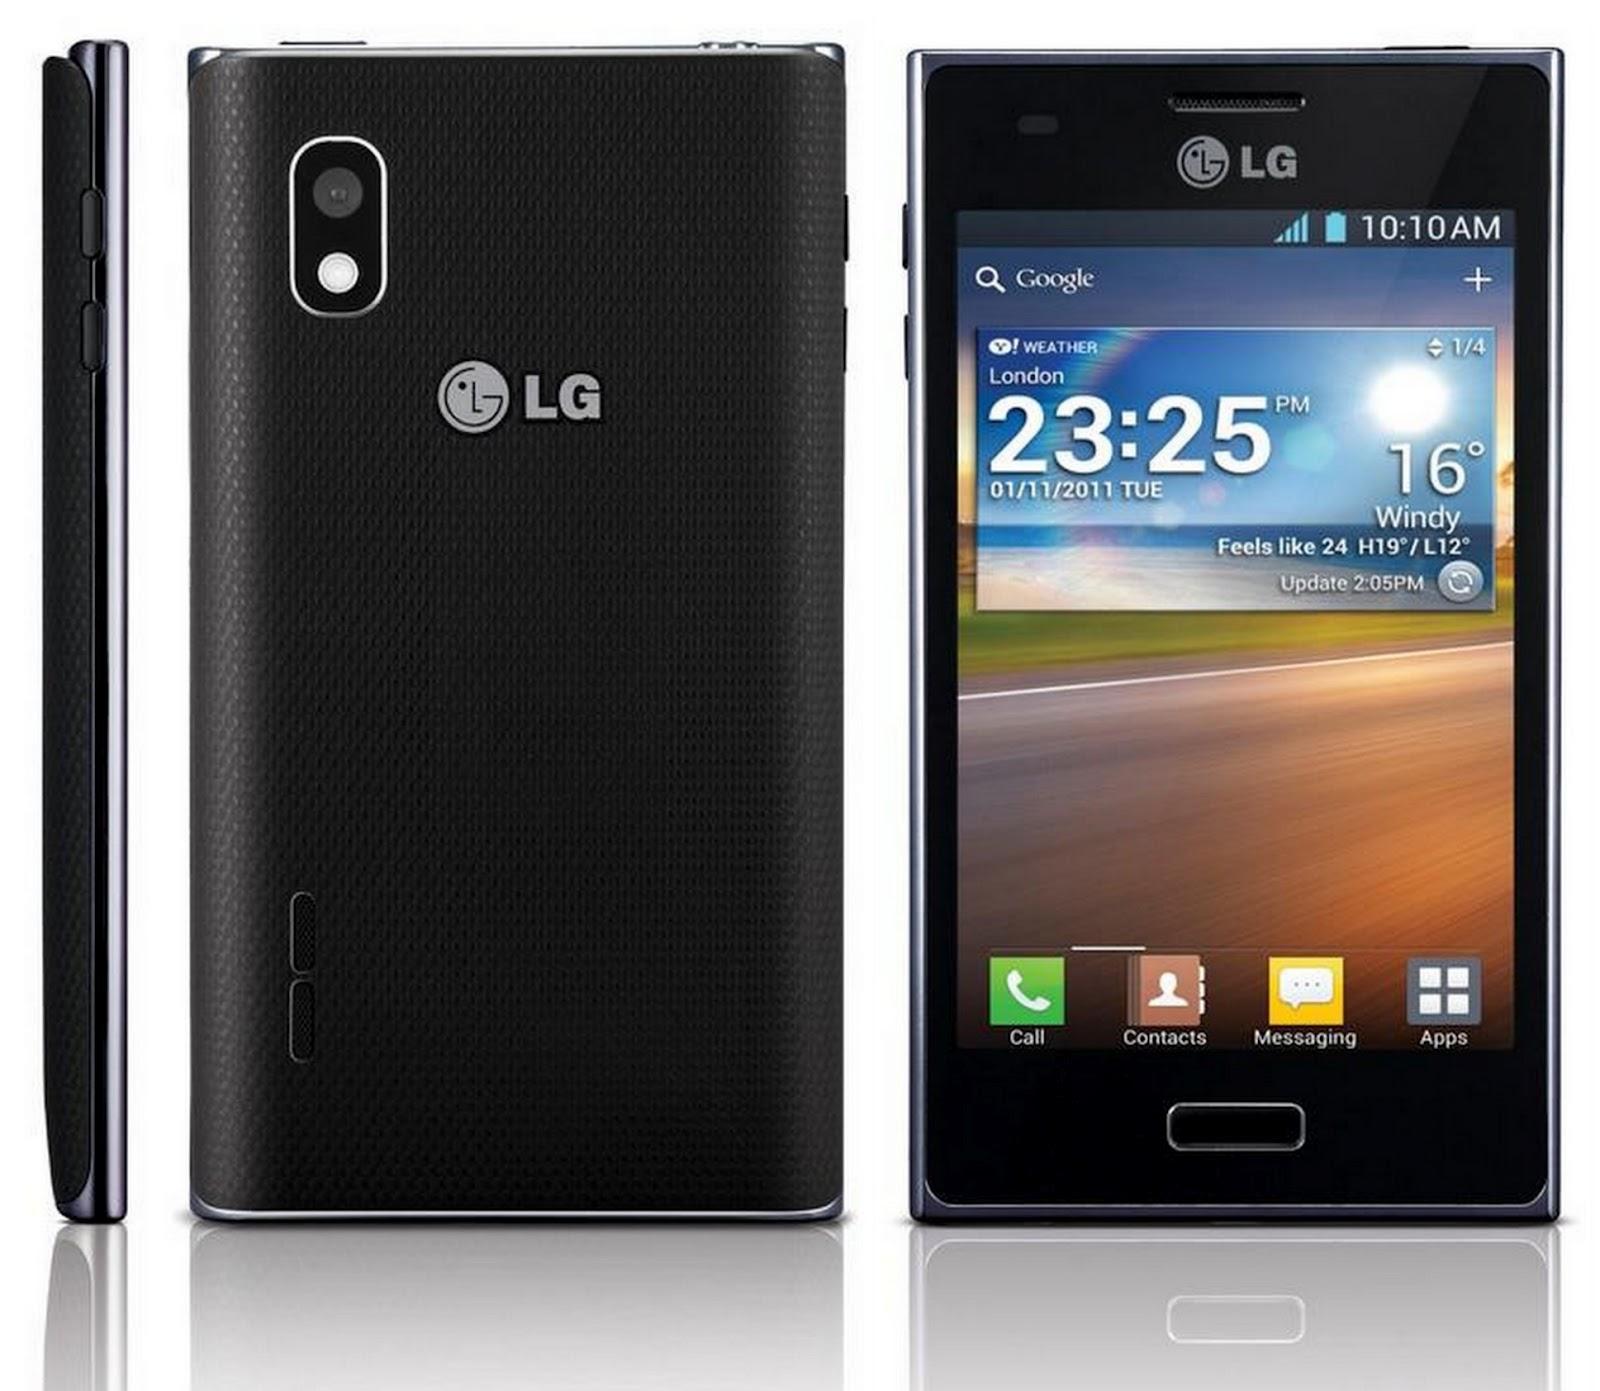 LG presenta en México sus smartphones Serie L y el Optimus 3D MAX